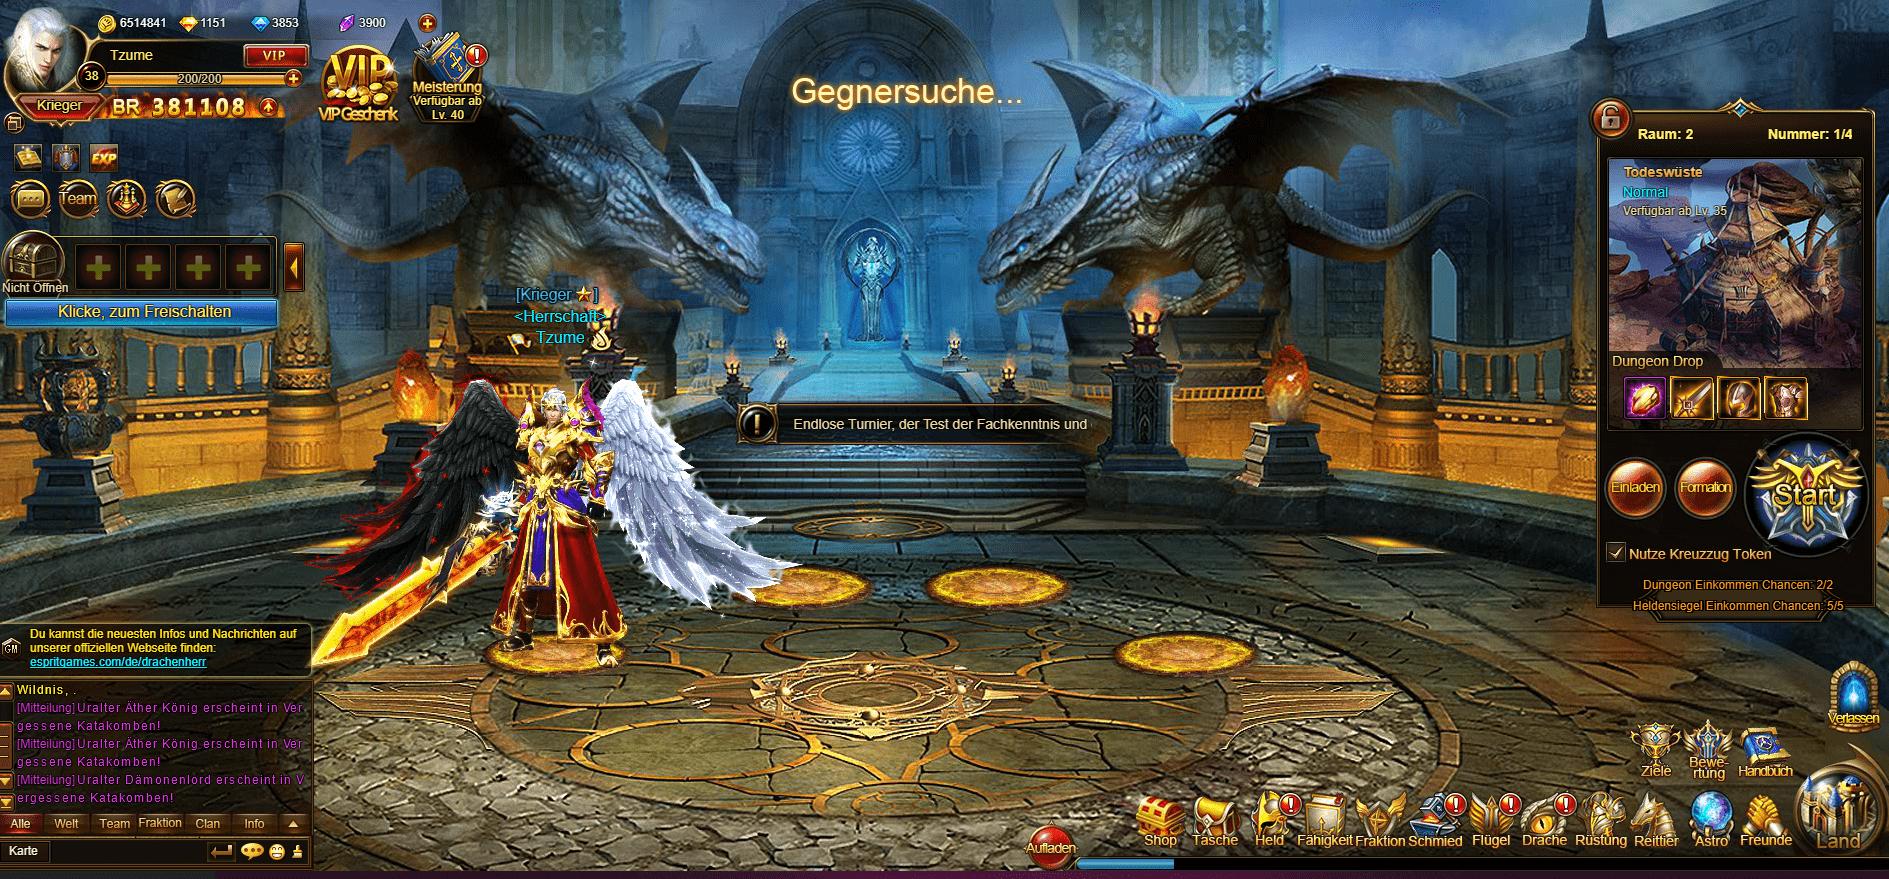 Herr der Drachen Screenshot 2